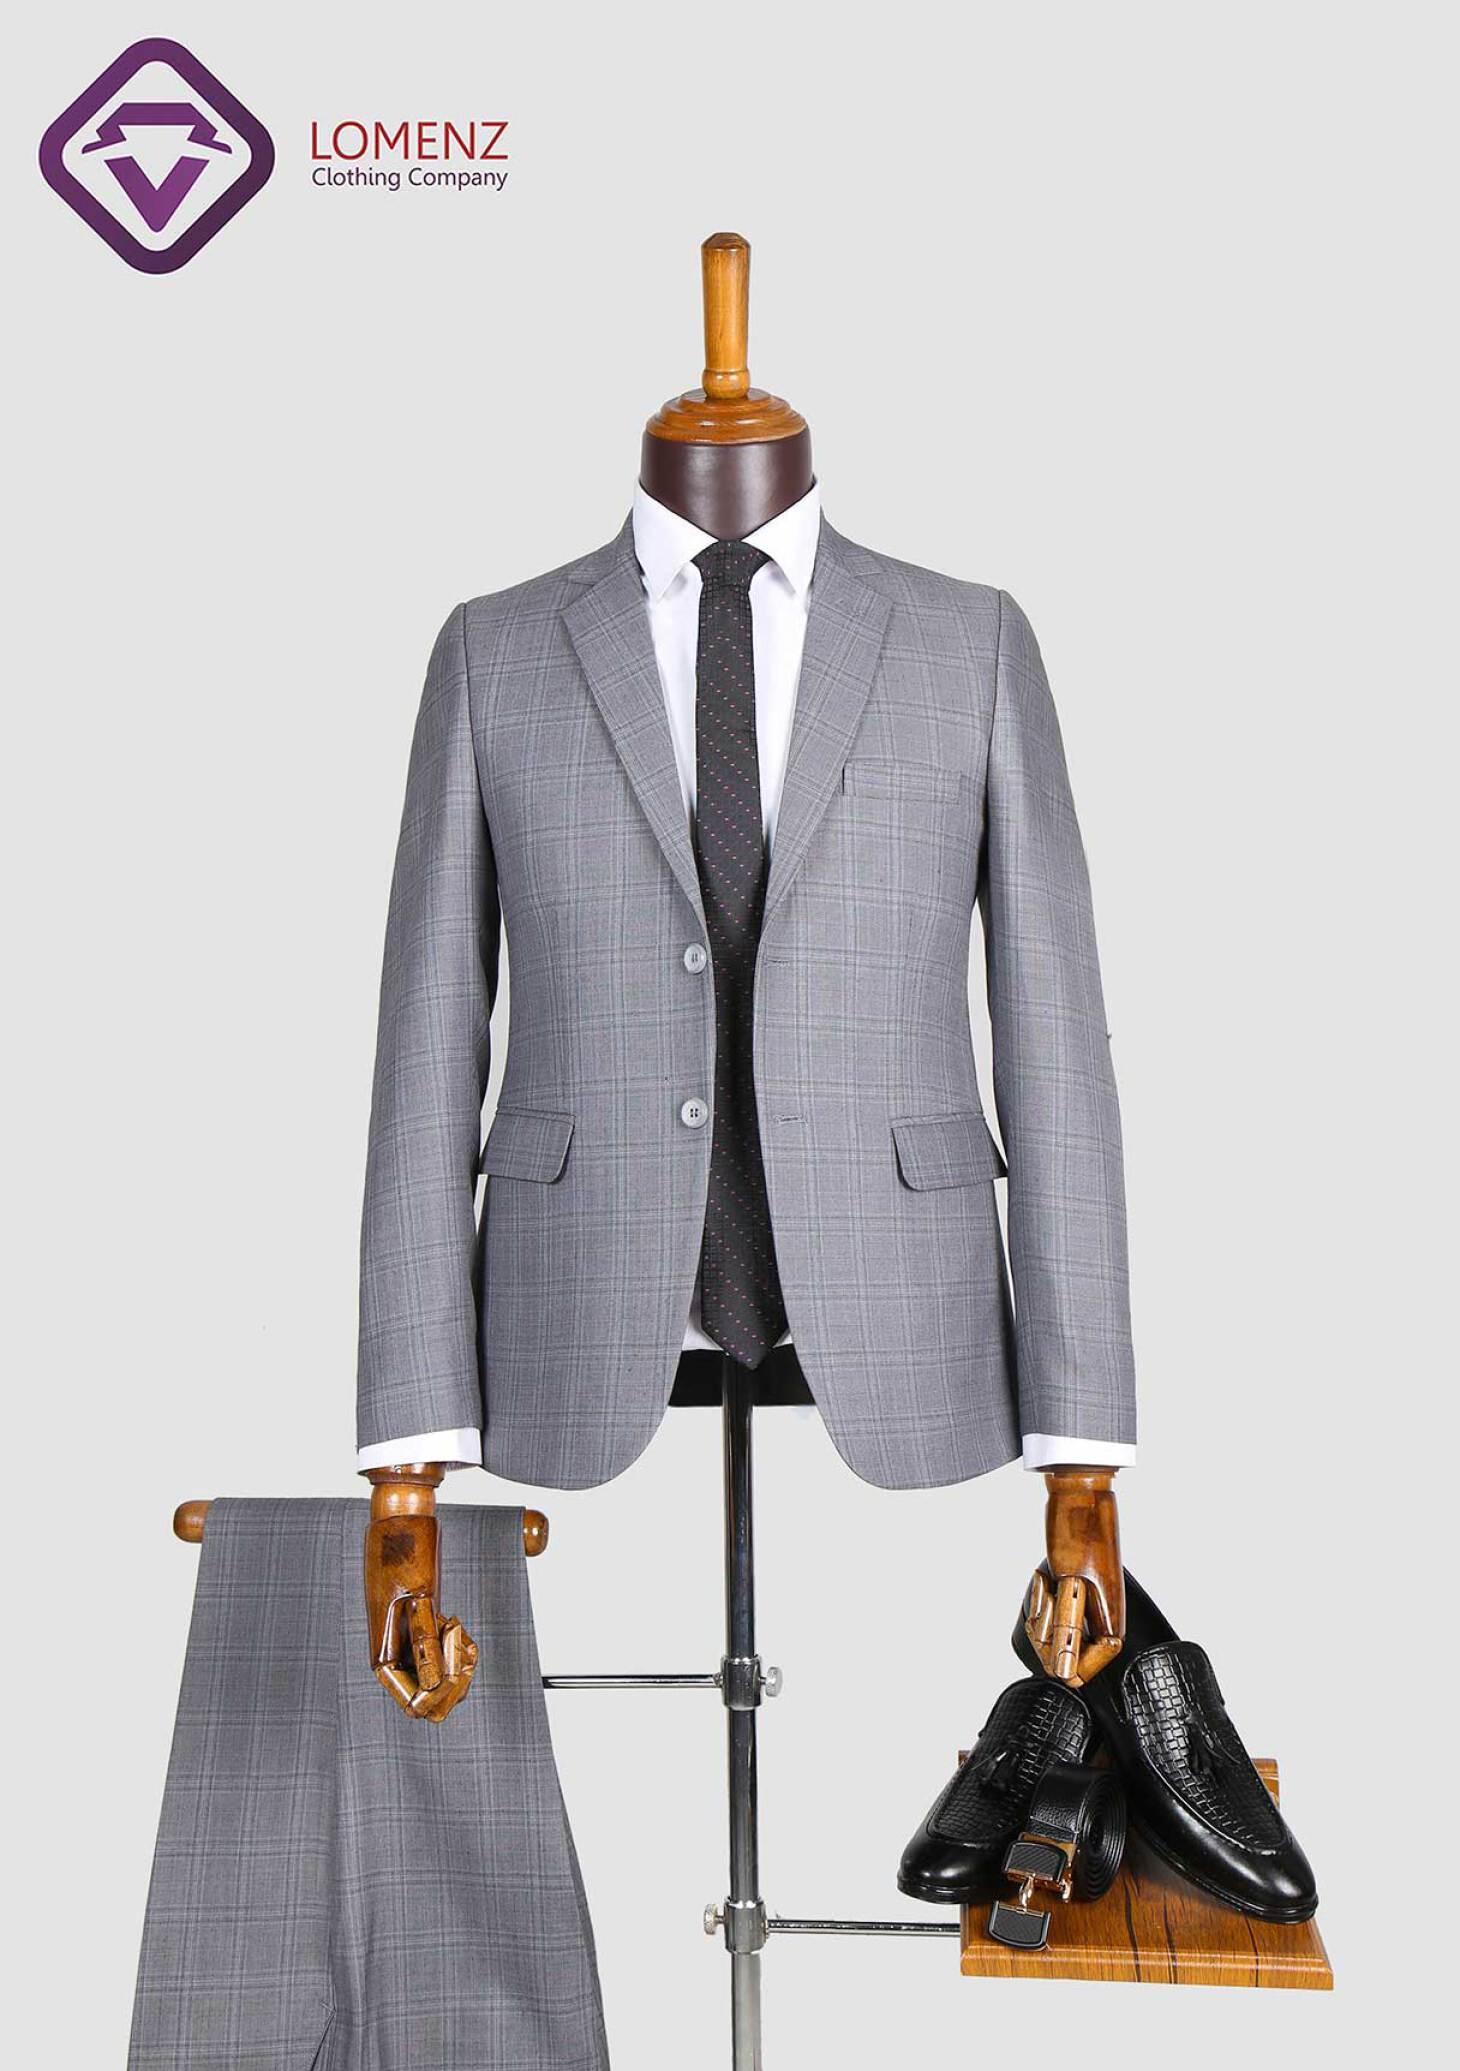 کت شلوار پیچازی مطهری تولید شده توسط لومنز با مرغوب ترین جنس پارچه